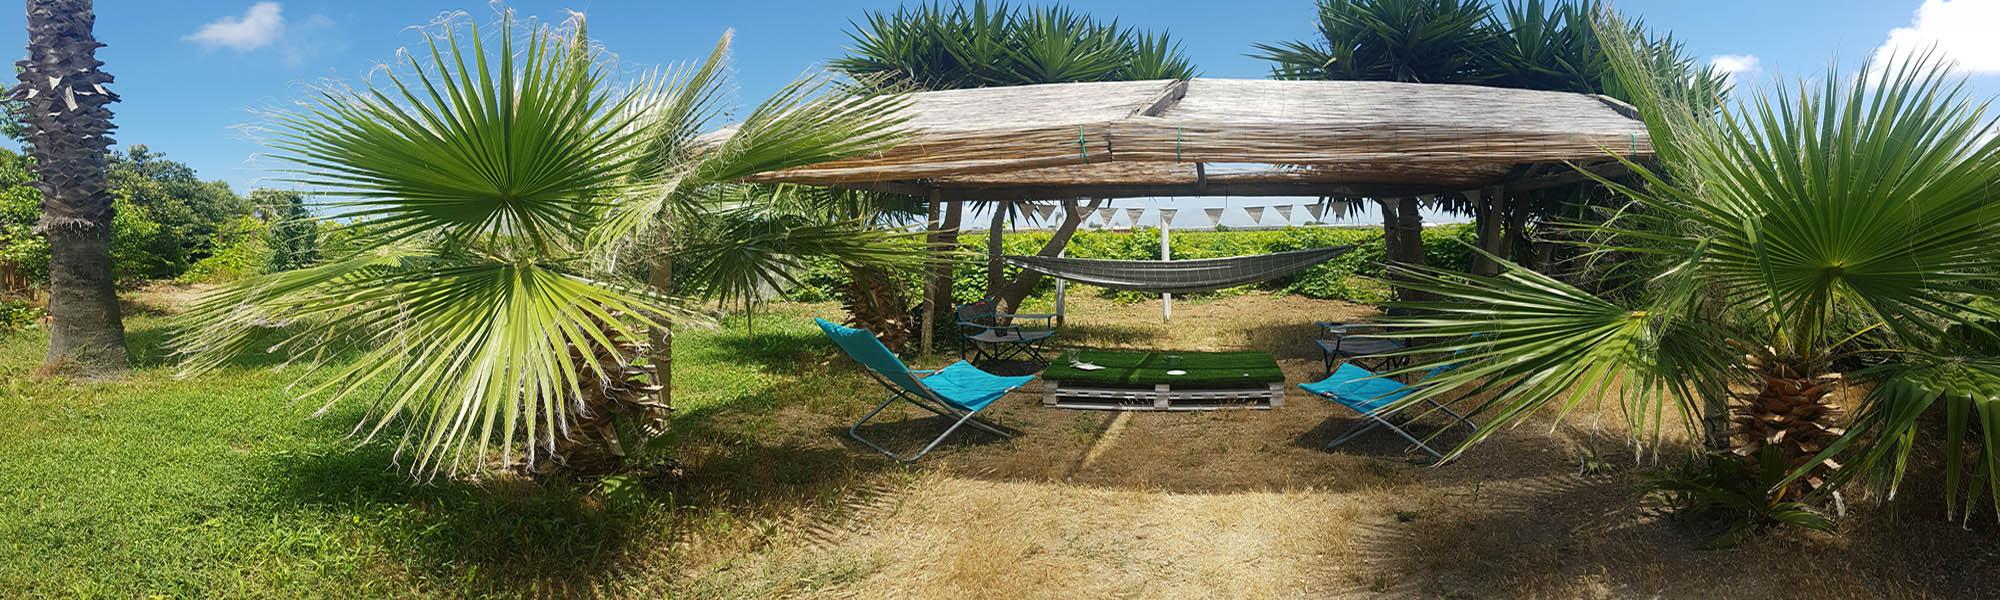 unterkunft-marsala-lo-stagnone-sizilien-drachen-sizilien-kitesurfen-Flow-Studio-Haus-Wohnung-Garten-Palmen-Kitesurfen